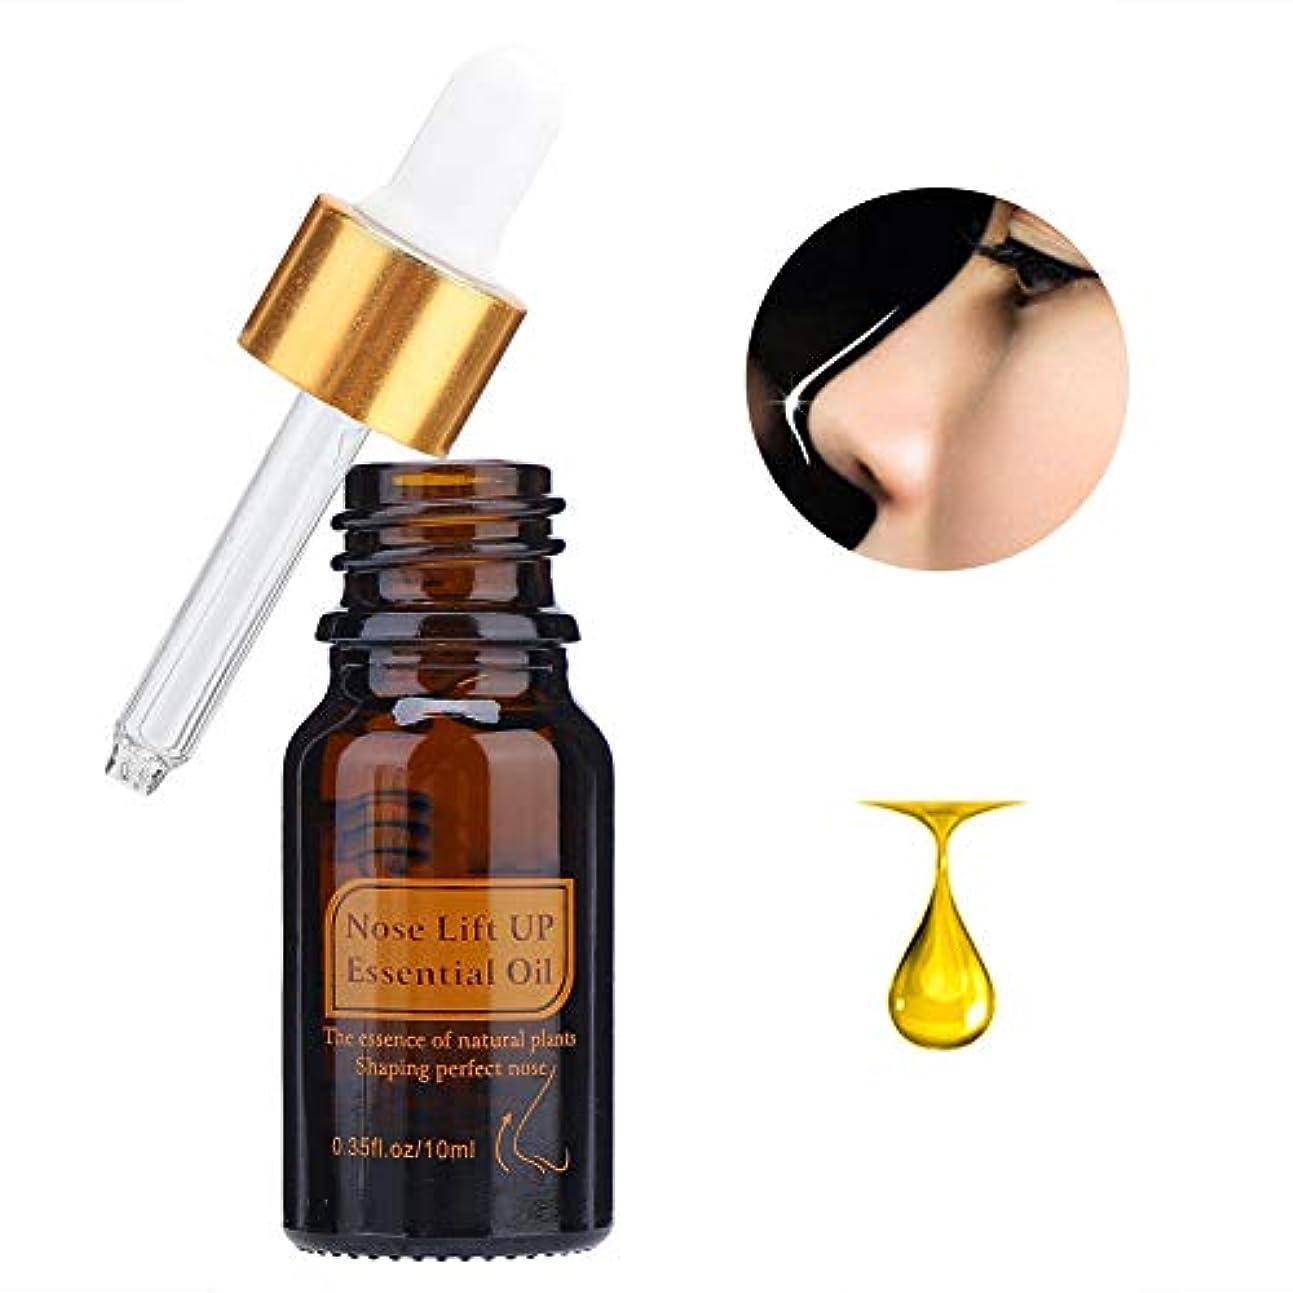 味レンダリング病者ノーズケアエッセンシャルオイル、ノーズリフティングアップエッセンシャルケアオイルシェーピング引き締め肌の保湿をサポートしますリラクゼーションと痛みをします